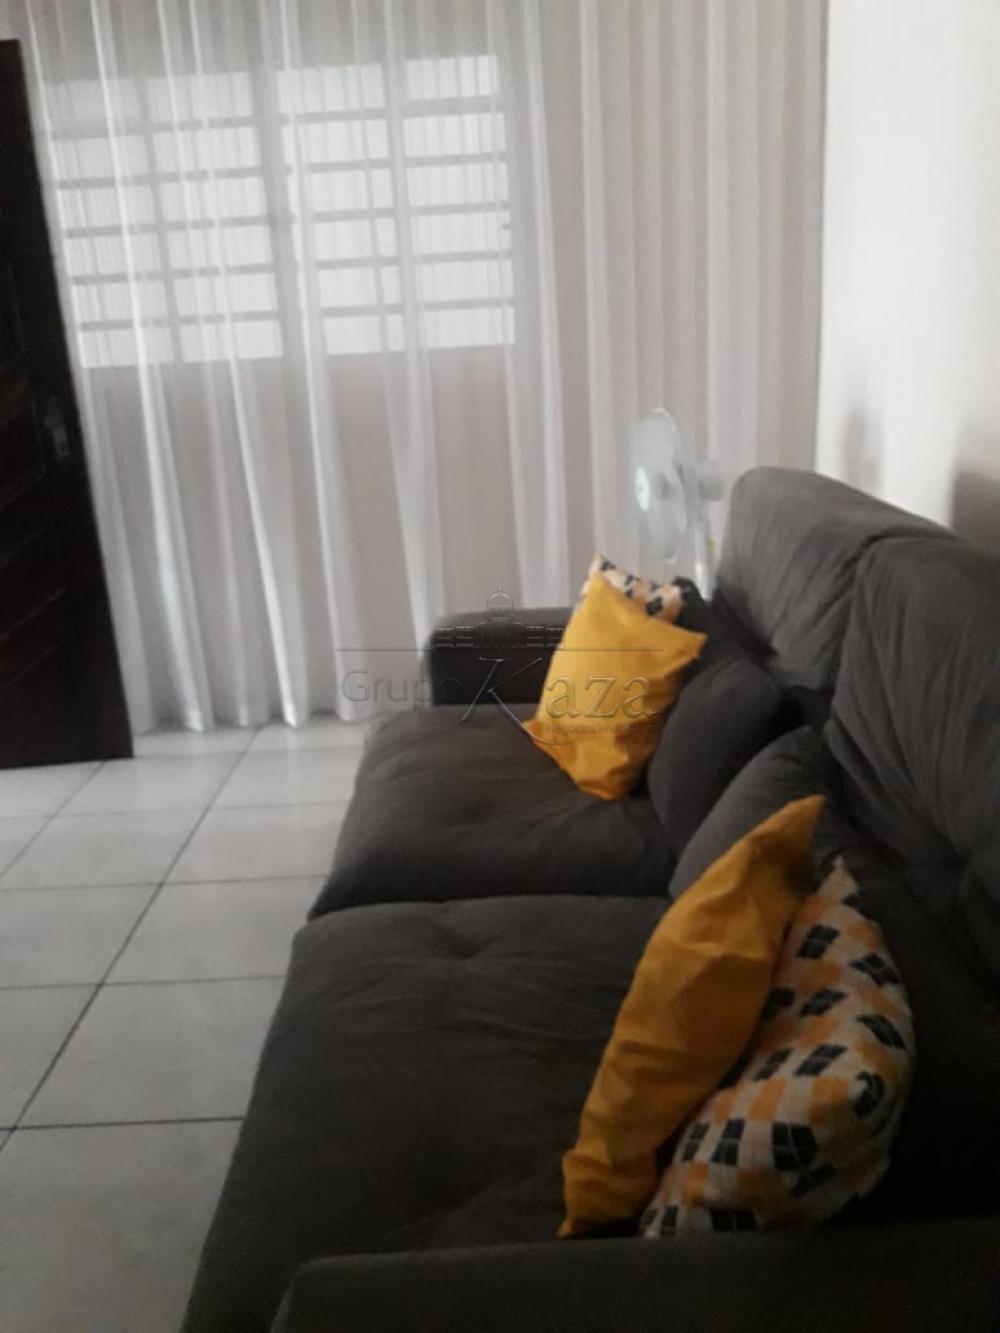 Comprar Casa / Padrão em São José dos Campos apenas R$ 330.000,00 - Foto 4